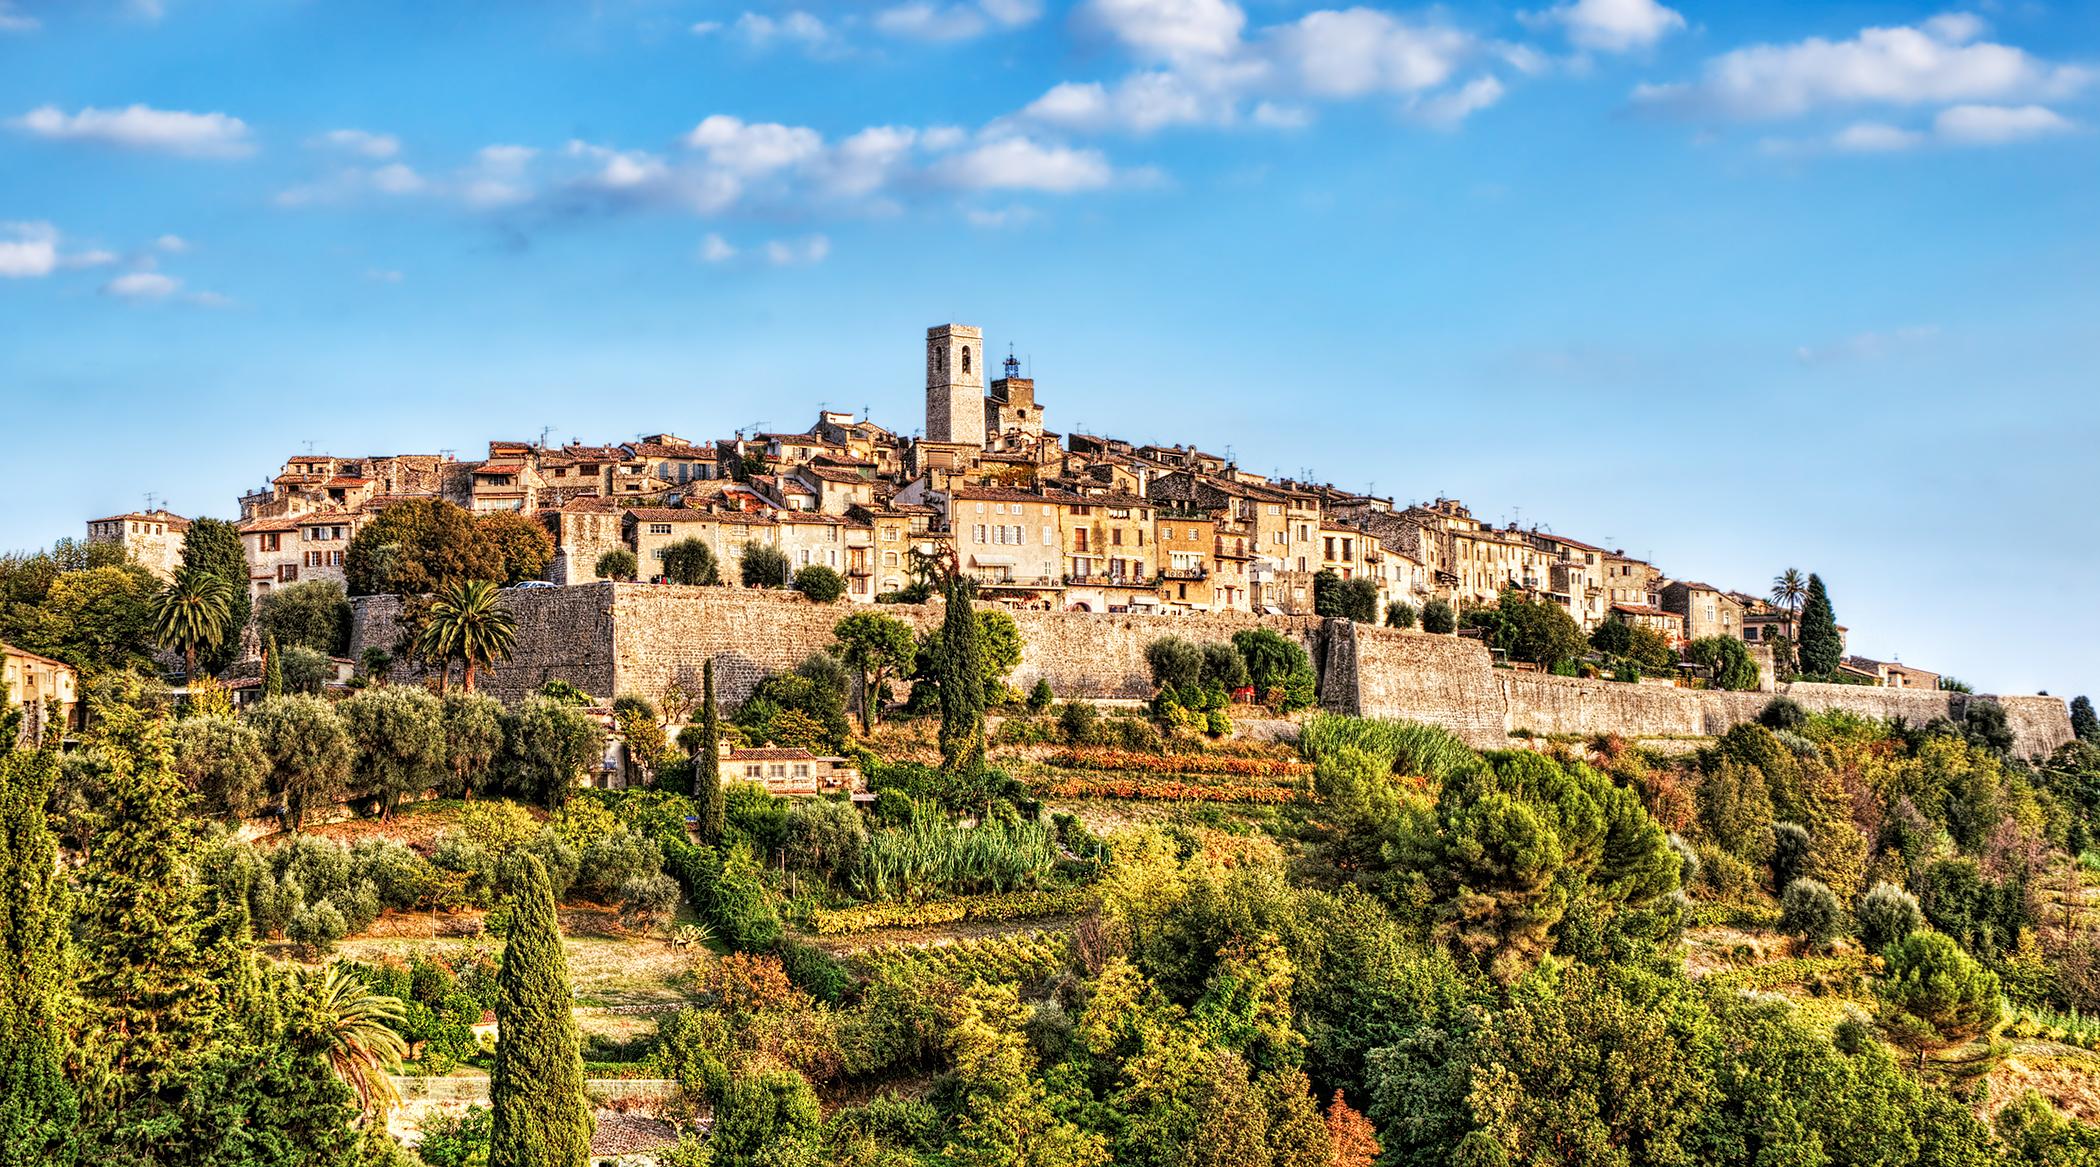 romantic destination france saint paul de vence